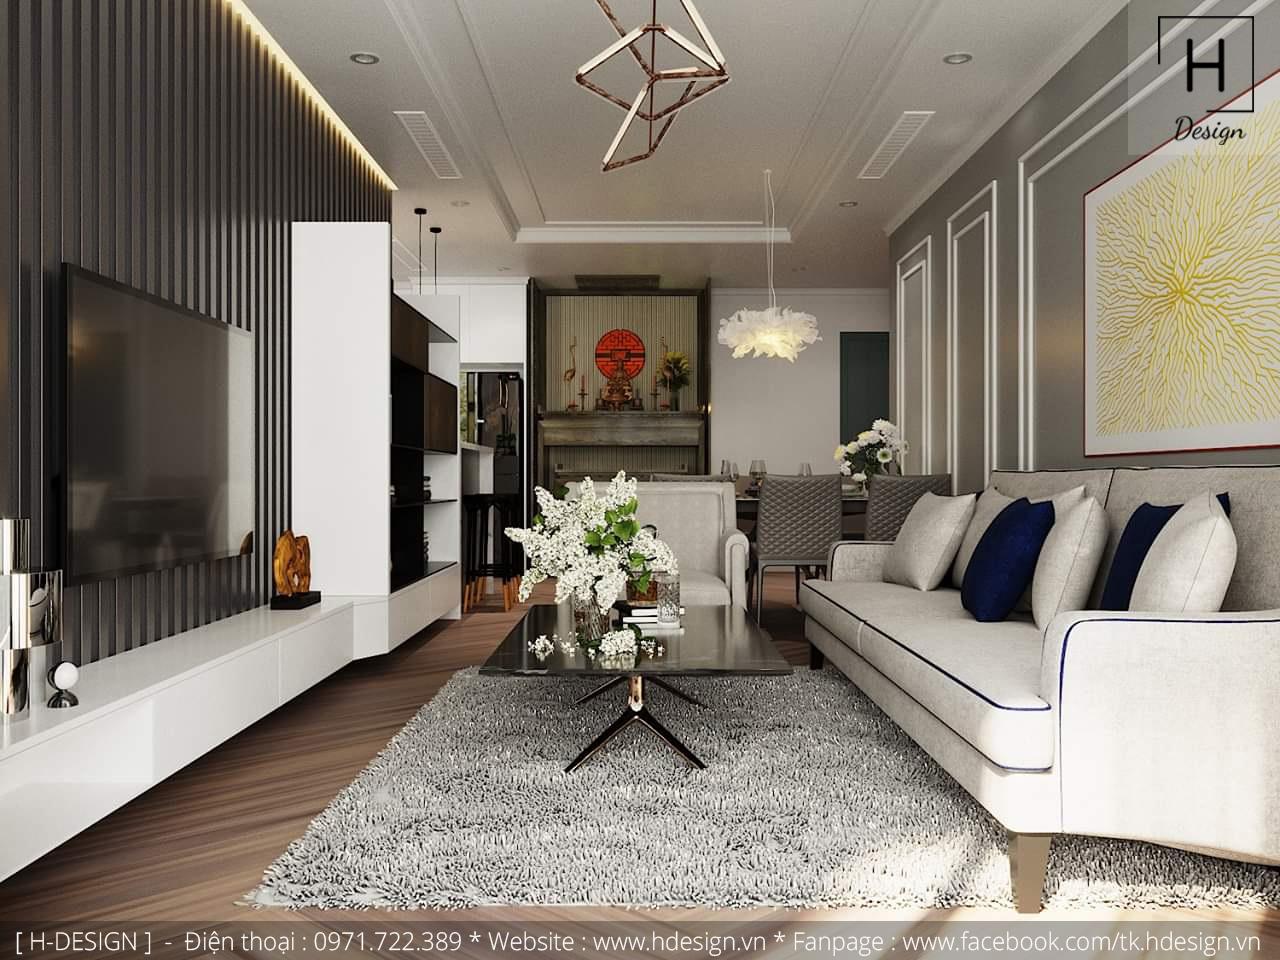 Thiết kế thi công nội thất chung cư D'Capital